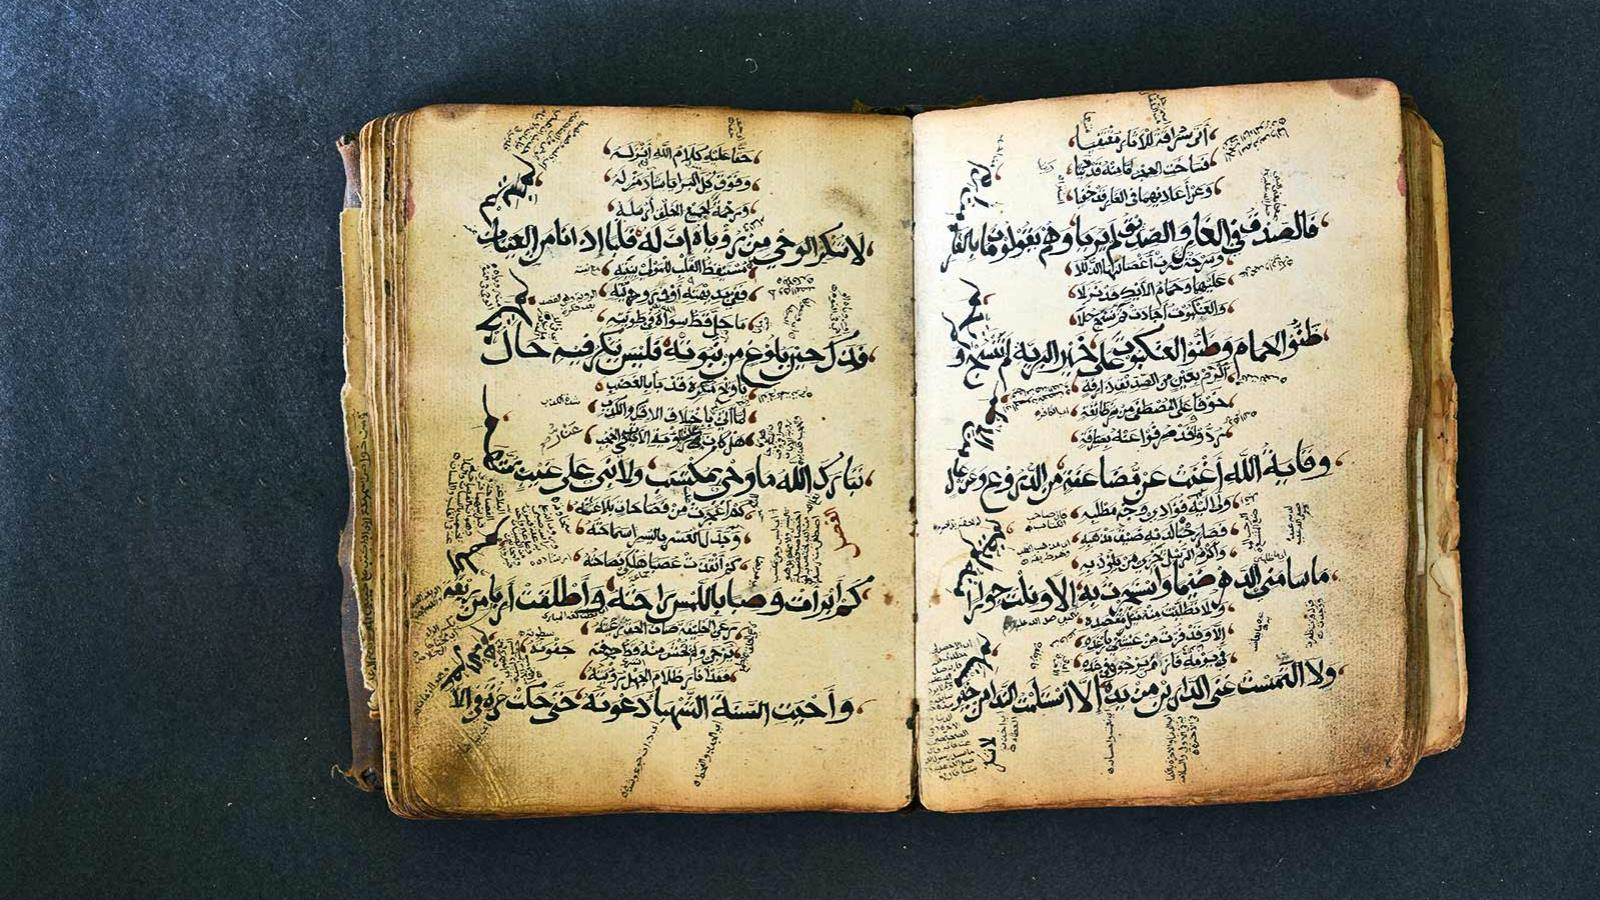 يهودي يكتب القرآن ومسيحي ينسخ تفسير الطبري ومؤلفات بخطوط نسائية.. الوراقون وصناعة الكتاب في الحضارة الإسلامية 078f6a66-c820-4023-9f98-64827f8279e0